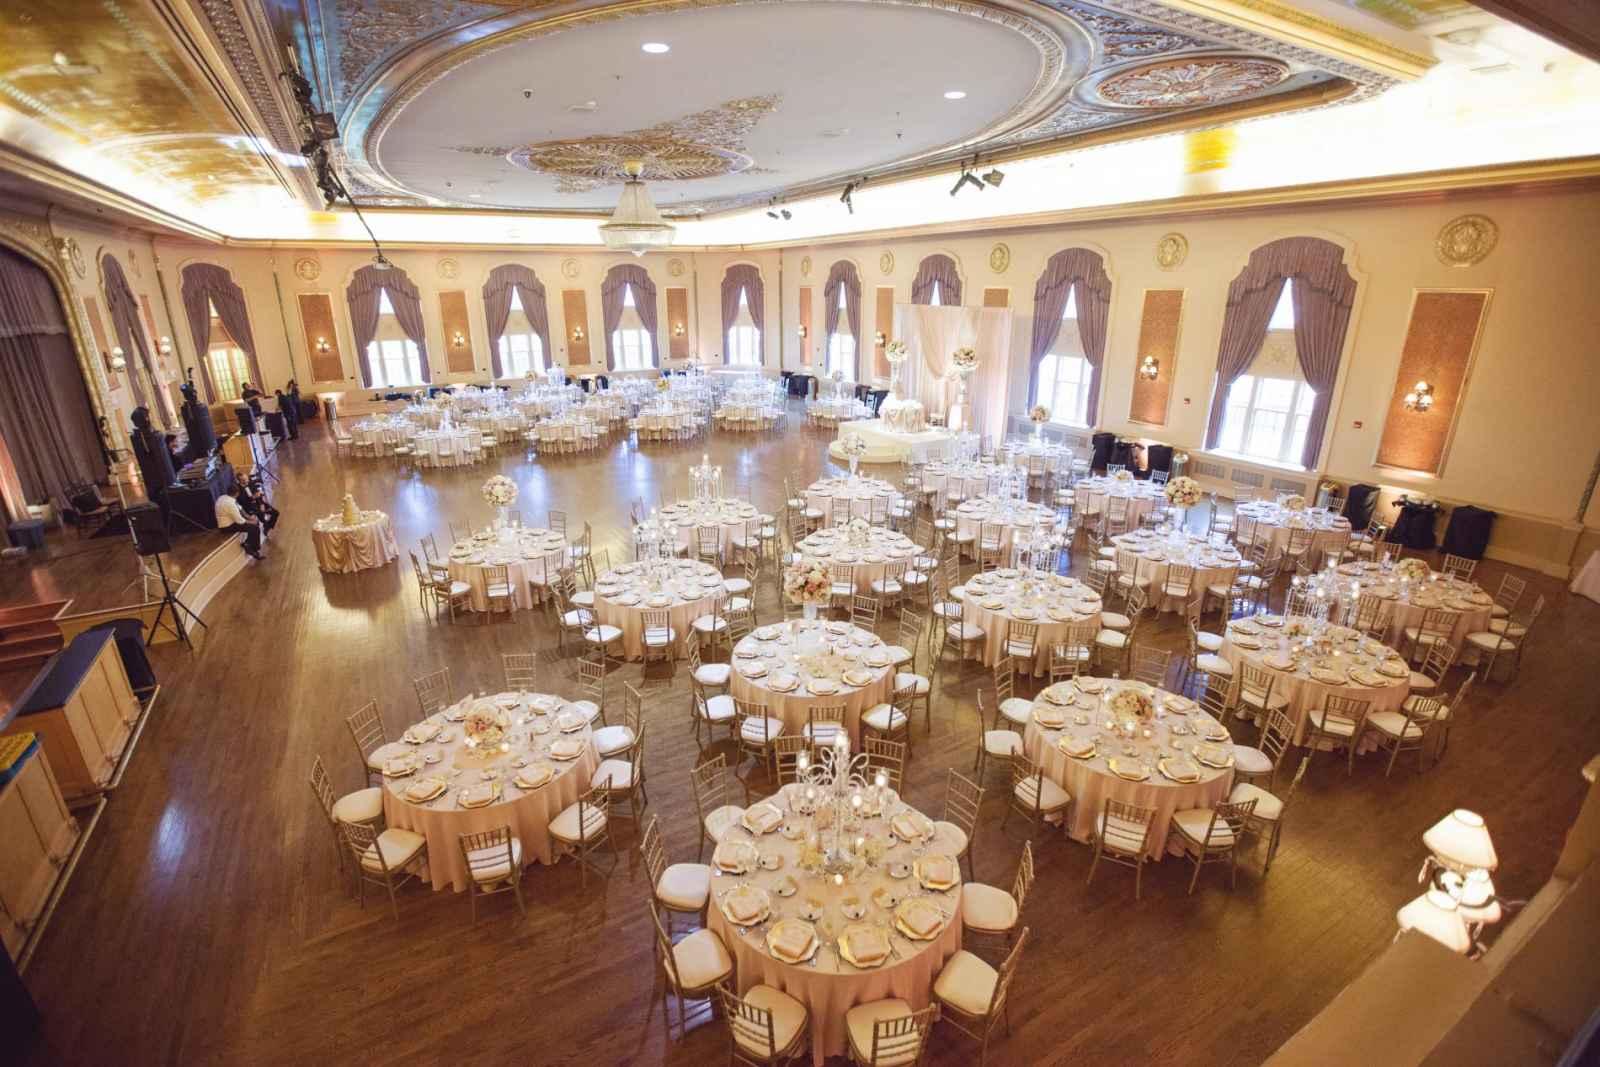 Classic Hotel Reception Wedding